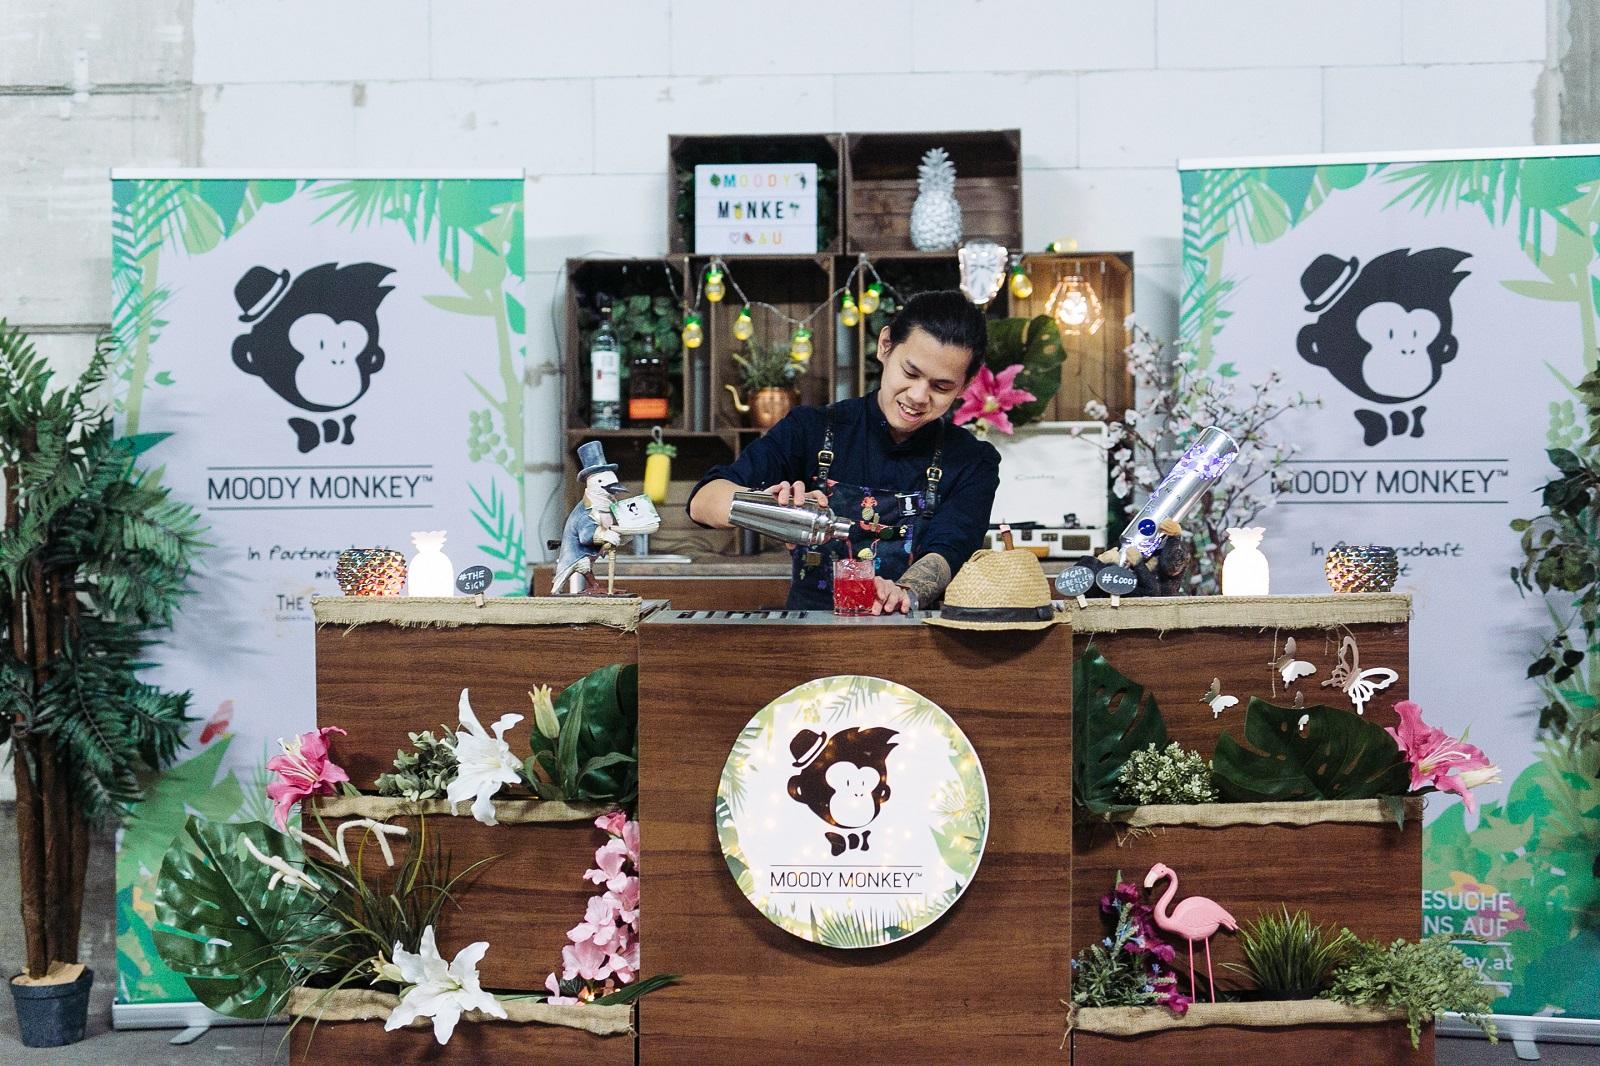 Liebevoll durch Handarbeit angefertigt, ist unsere mobile Bar mit ihrem verspielten und kreativen Design der Hingucker auf Deiner Hochzeit, Deinem Geburtstag oder Deiner Sponsionsfeier und bietet Dir und Deinen Gästen ein unvergessliches Erlebnis.